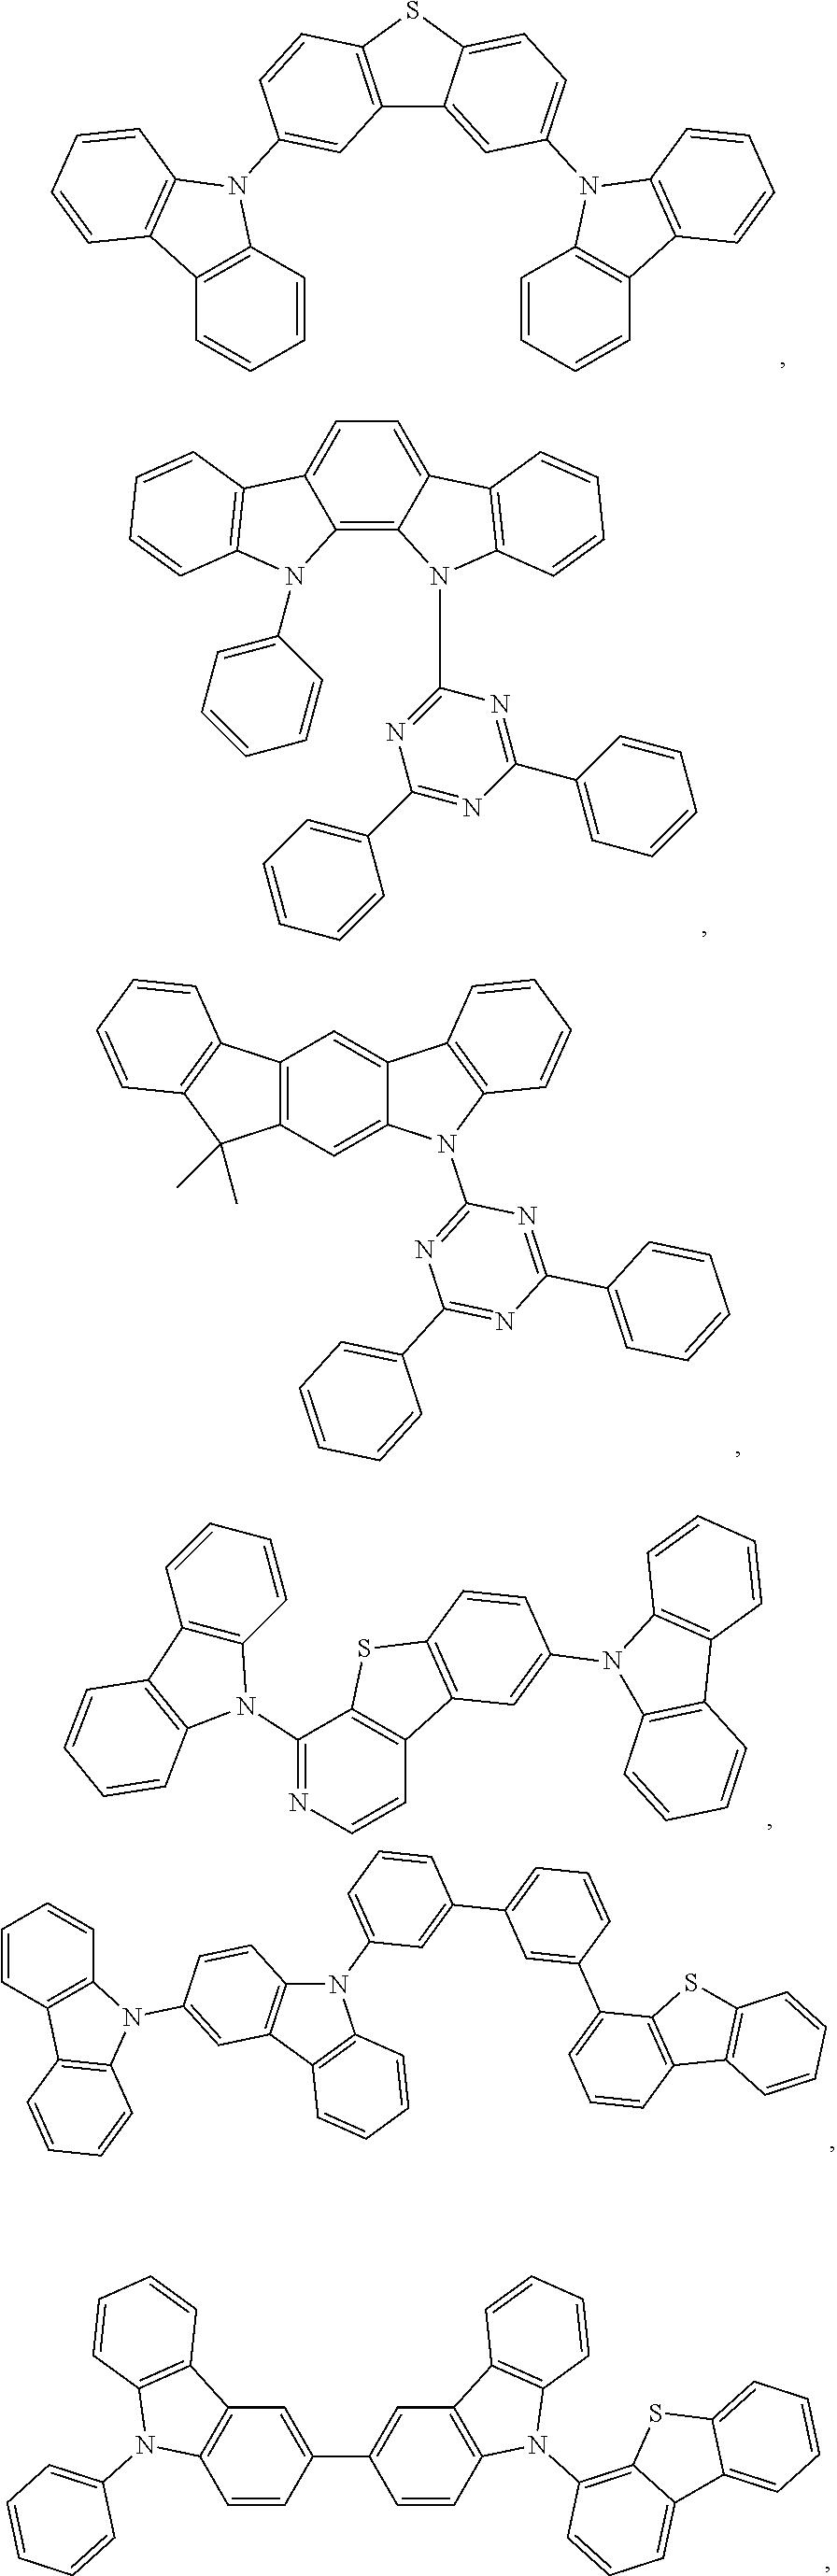 Figure US20160049599A1-20160218-C00177